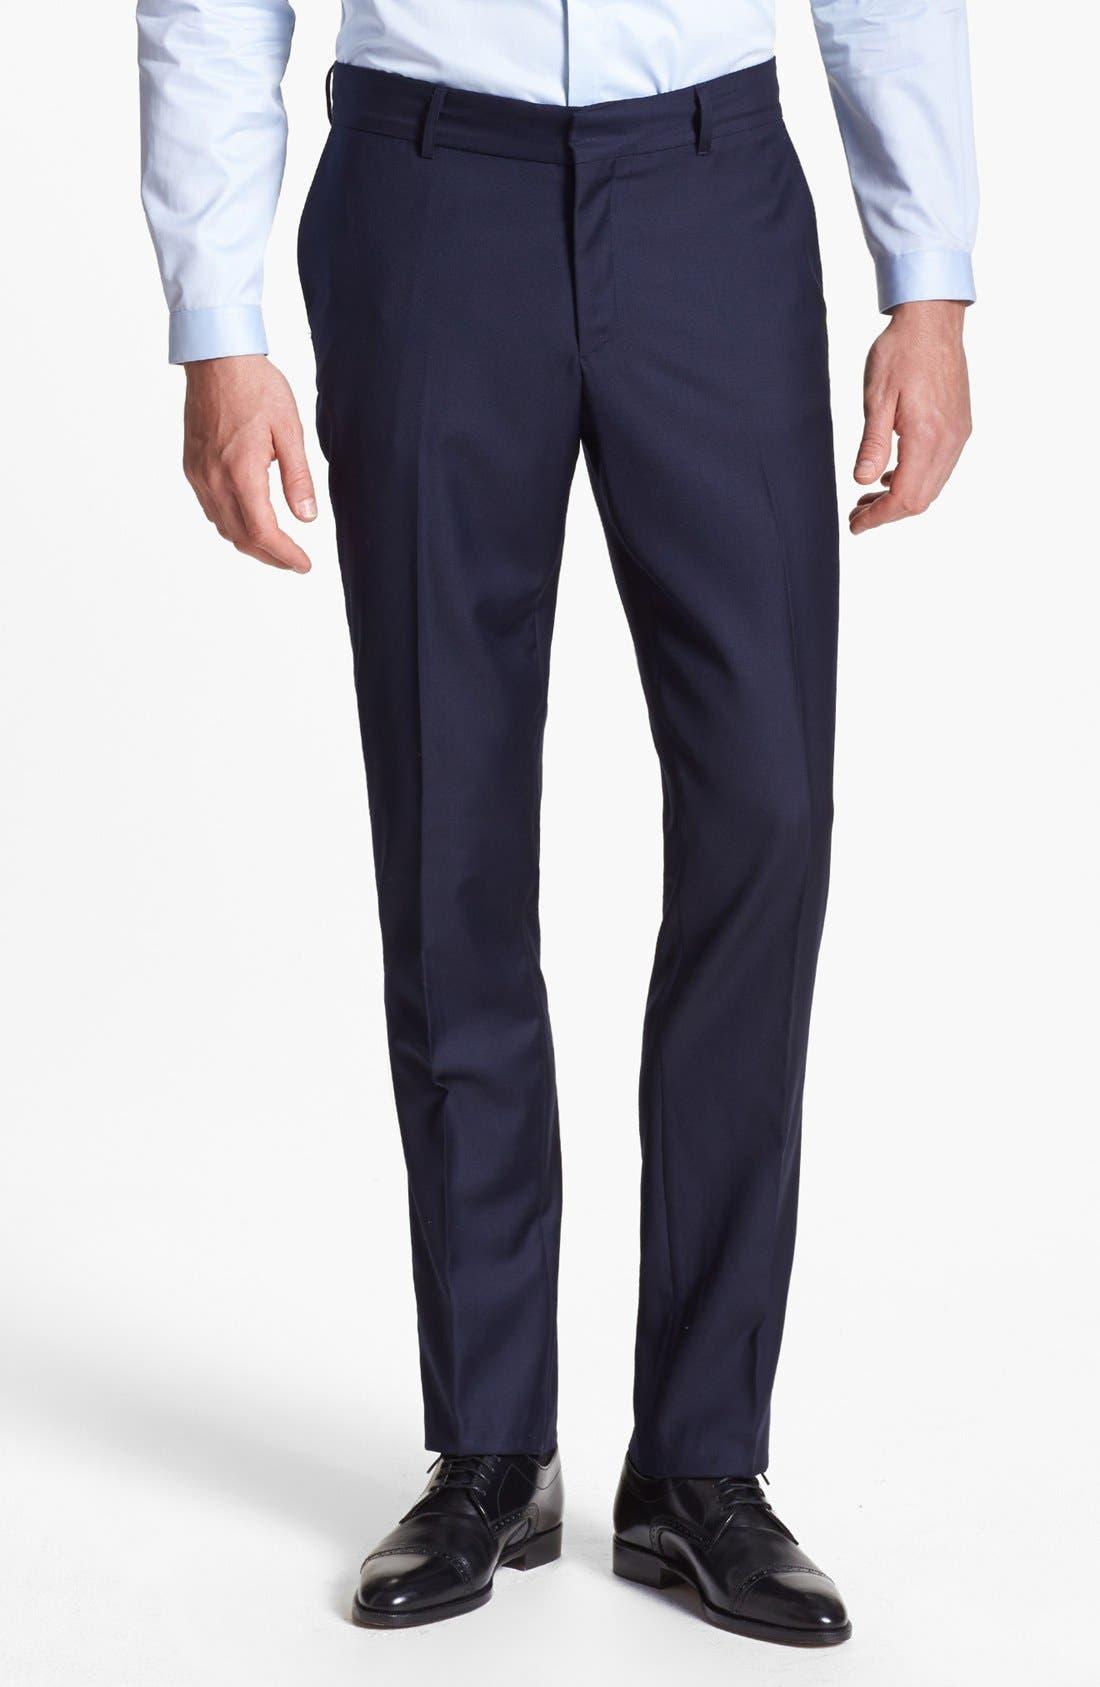 Alternate Image 1 Selected - The Kooples Slim Fit Navy Wool Trousers